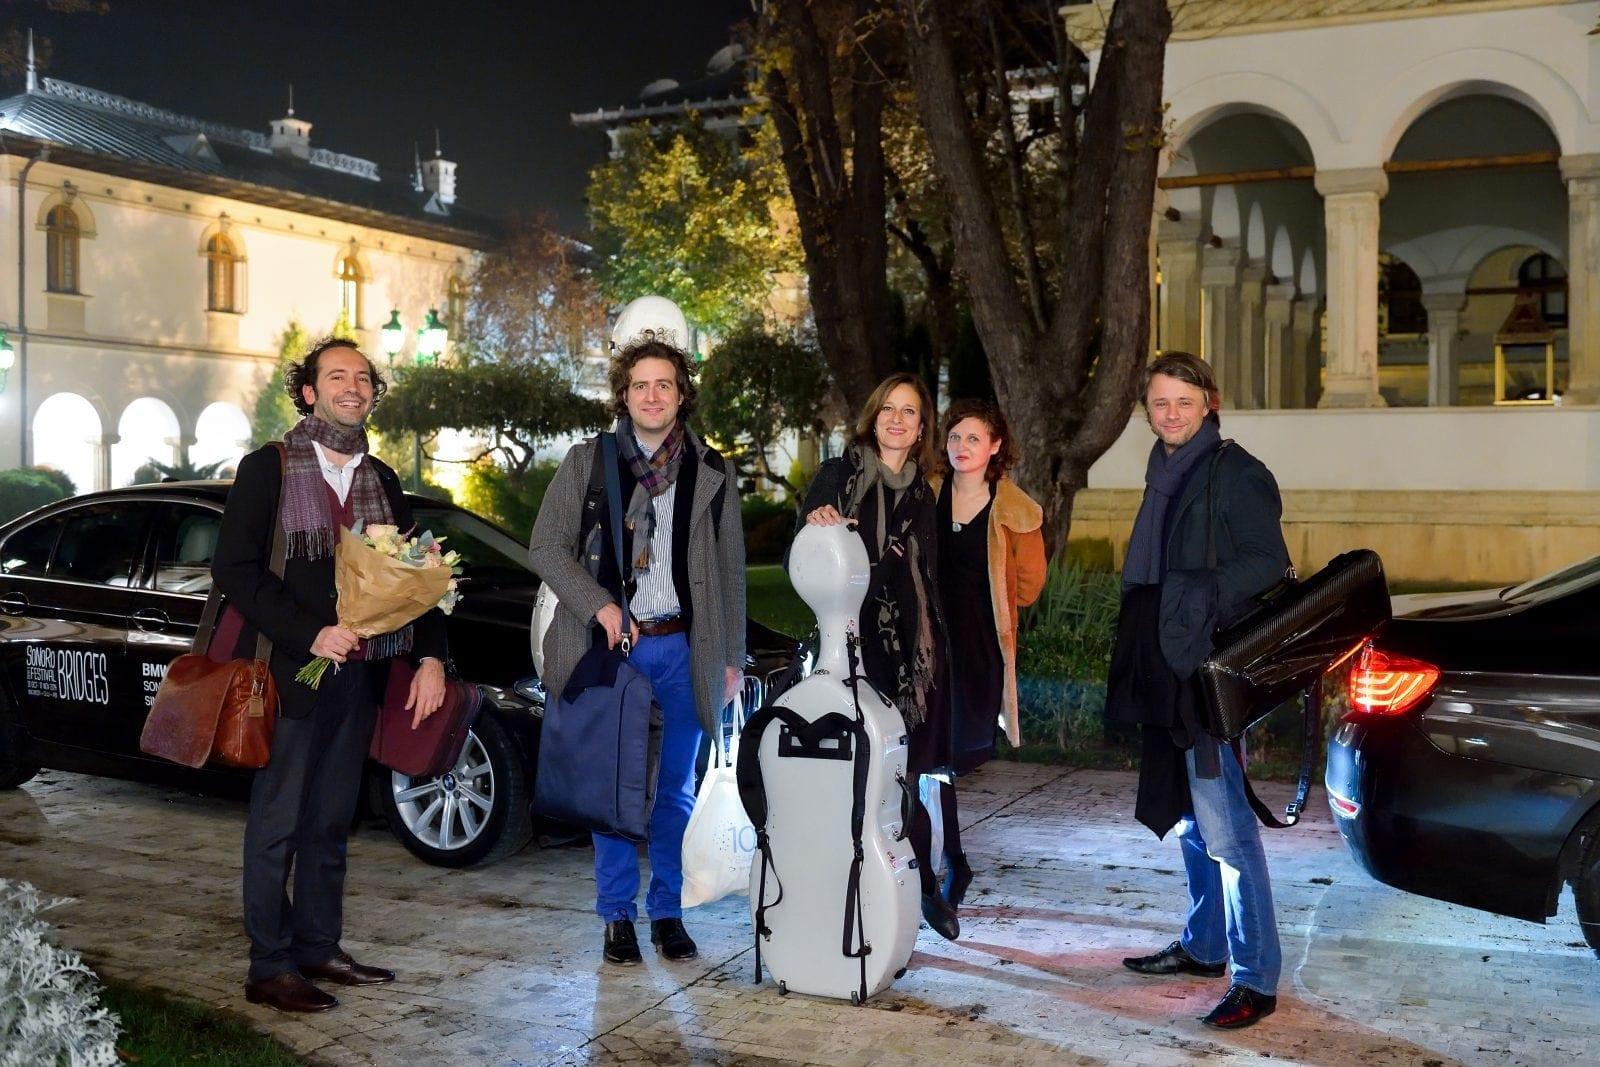 P90168534 - BMW este din nou partener al Festivalului SoNoRo